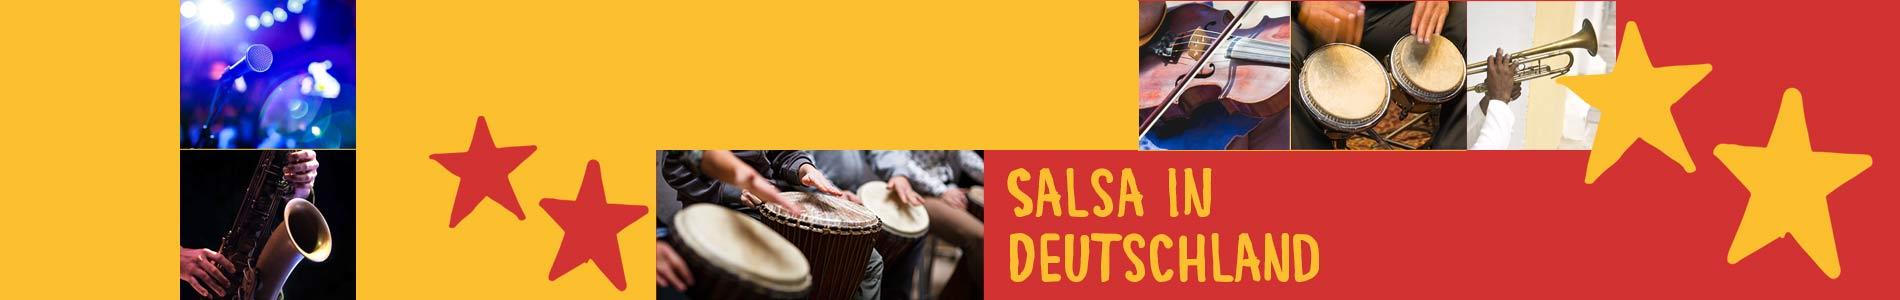 Salsa in Clausen – Salsa lernen und tanzen, Tanzkurse, Partys, Veranstaltungen